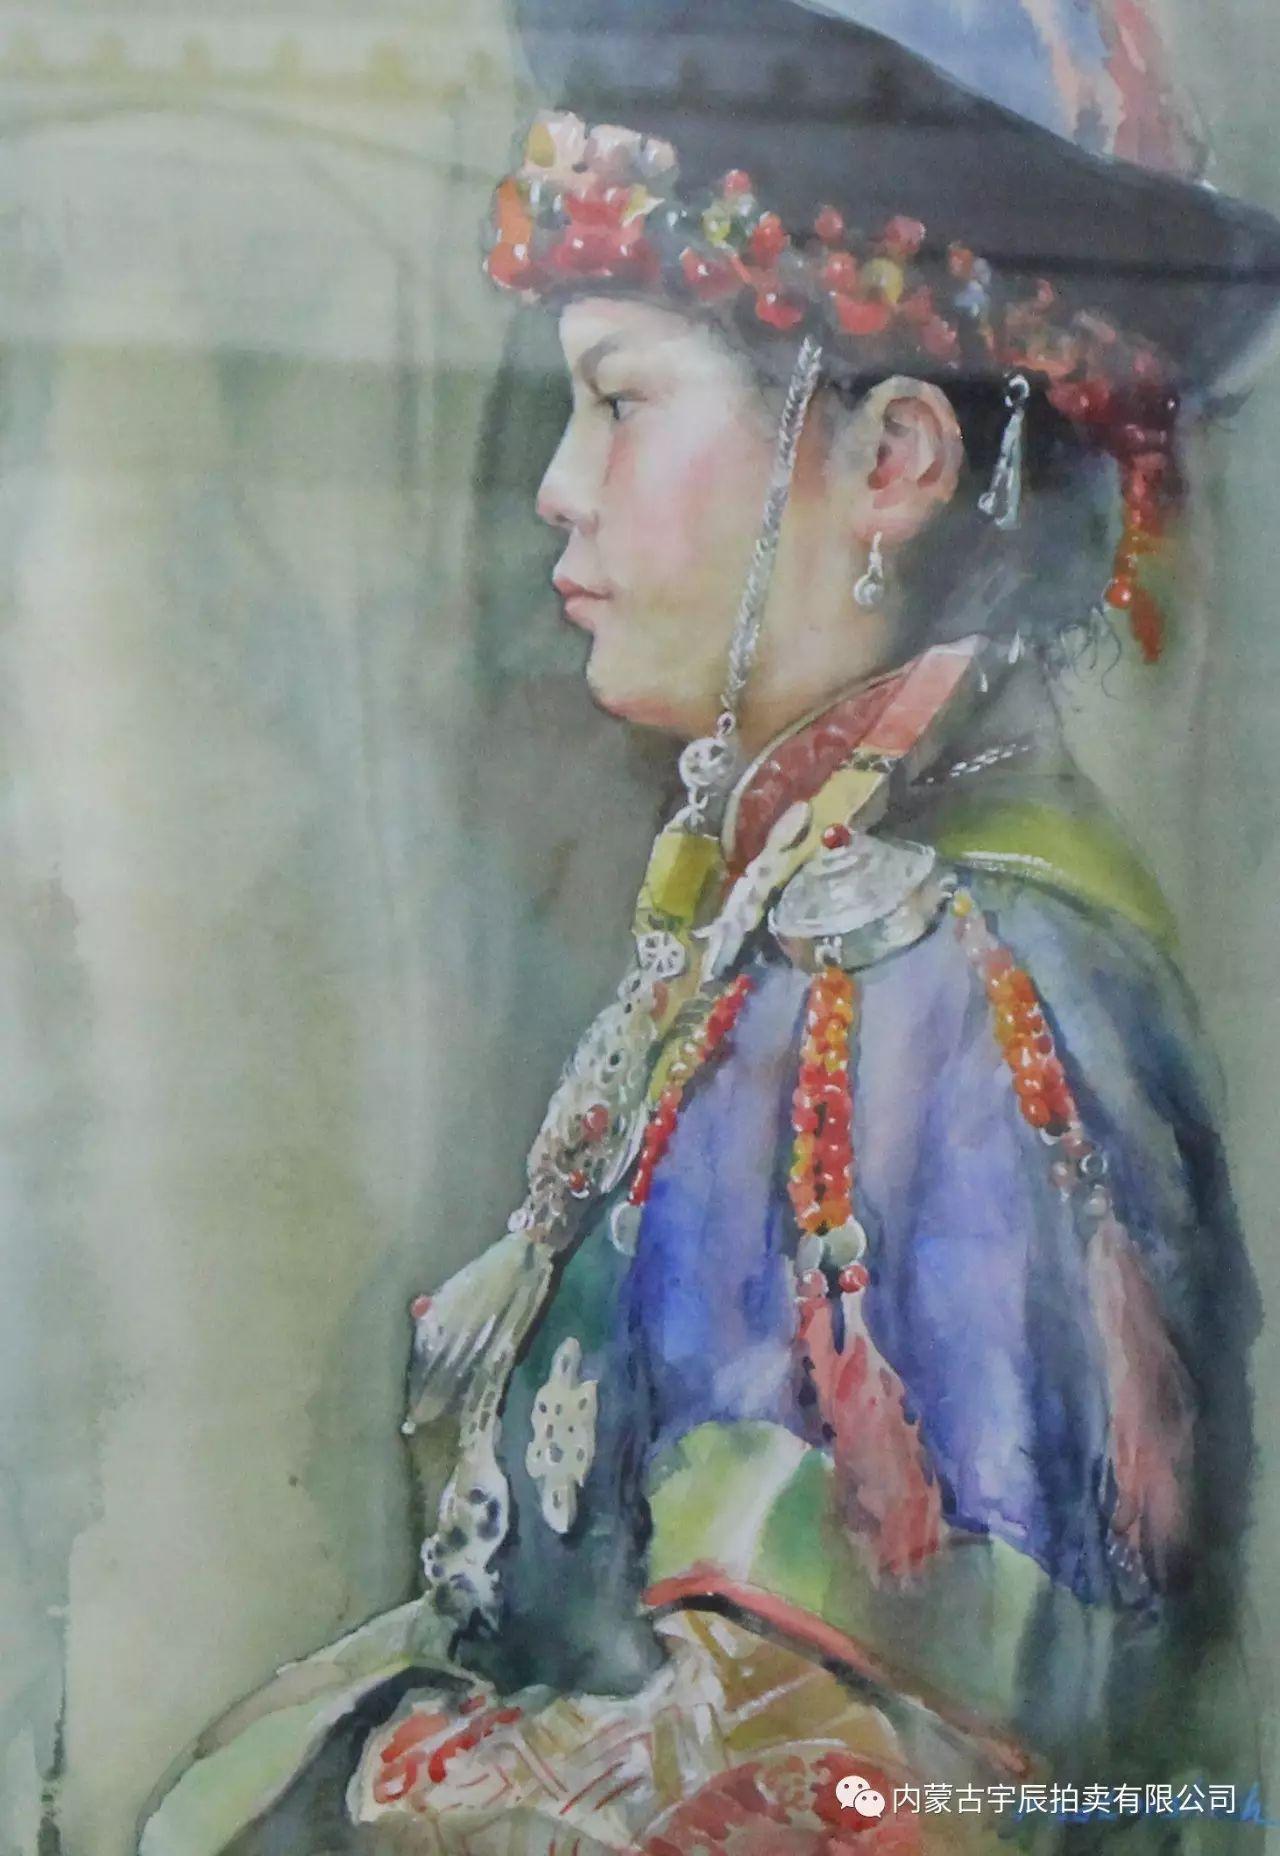 美丽盛开的原野——蒙古国作品赏析(二) 第24张 美丽盛开的原野——蒙古国作品赏析(二) 蒙古画廊